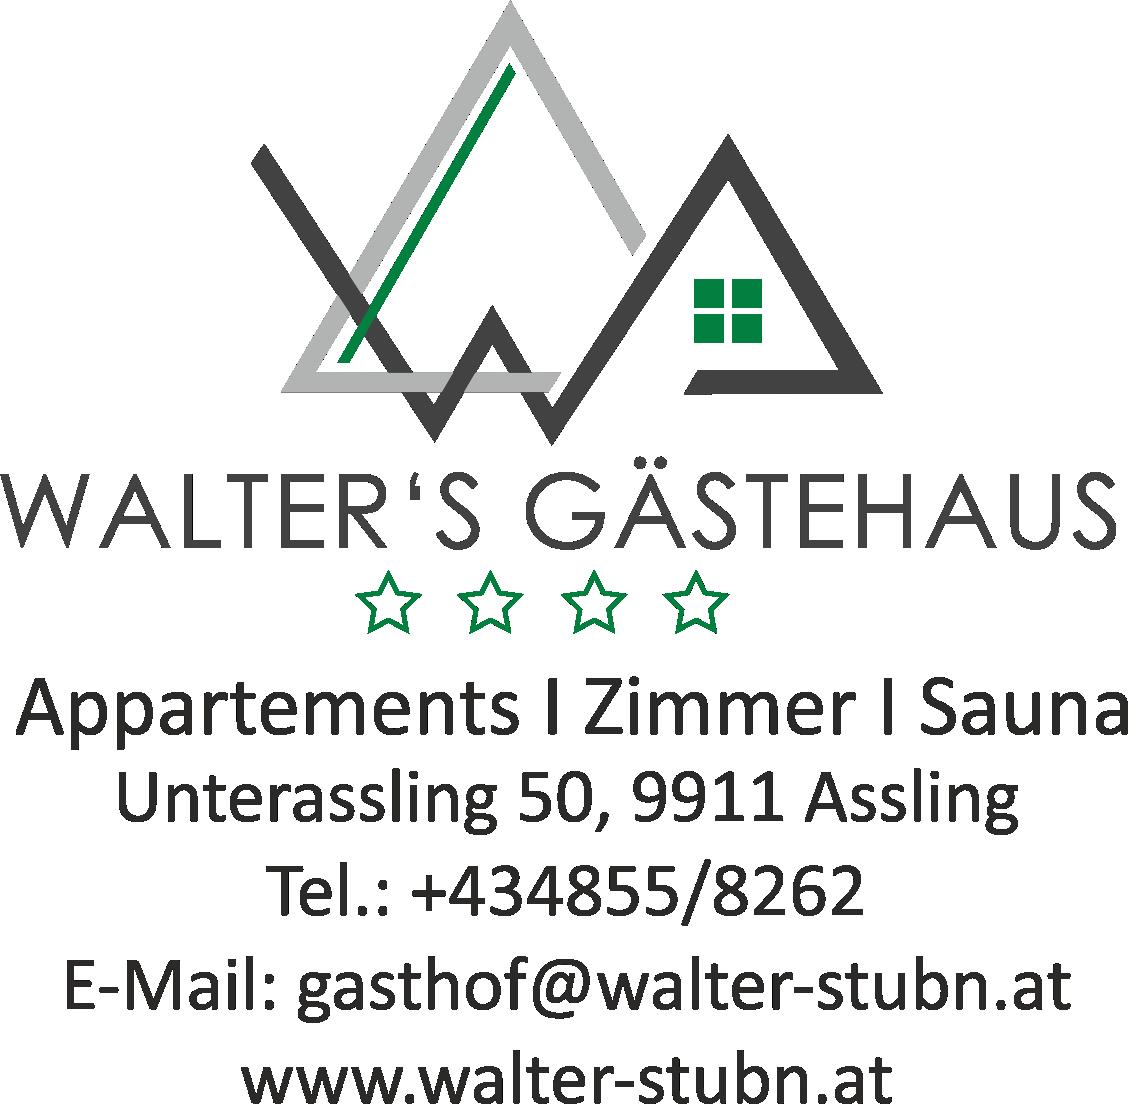 Walter's Gästehaus